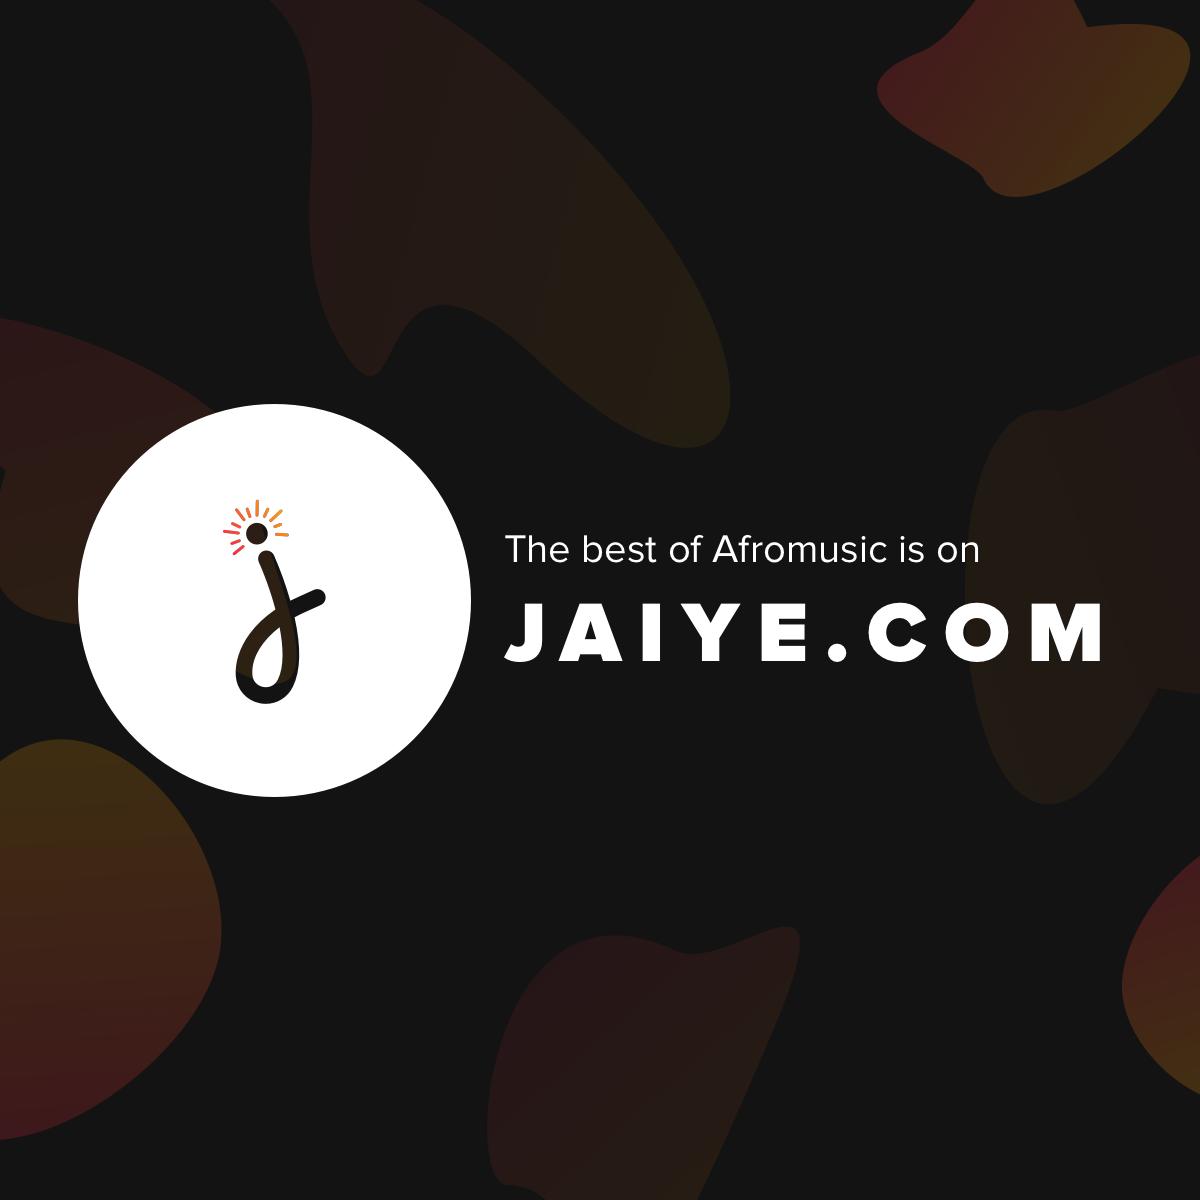 """Résultat de recherche d'images pour """"jaiye le meilleur de l'afro music"""""""